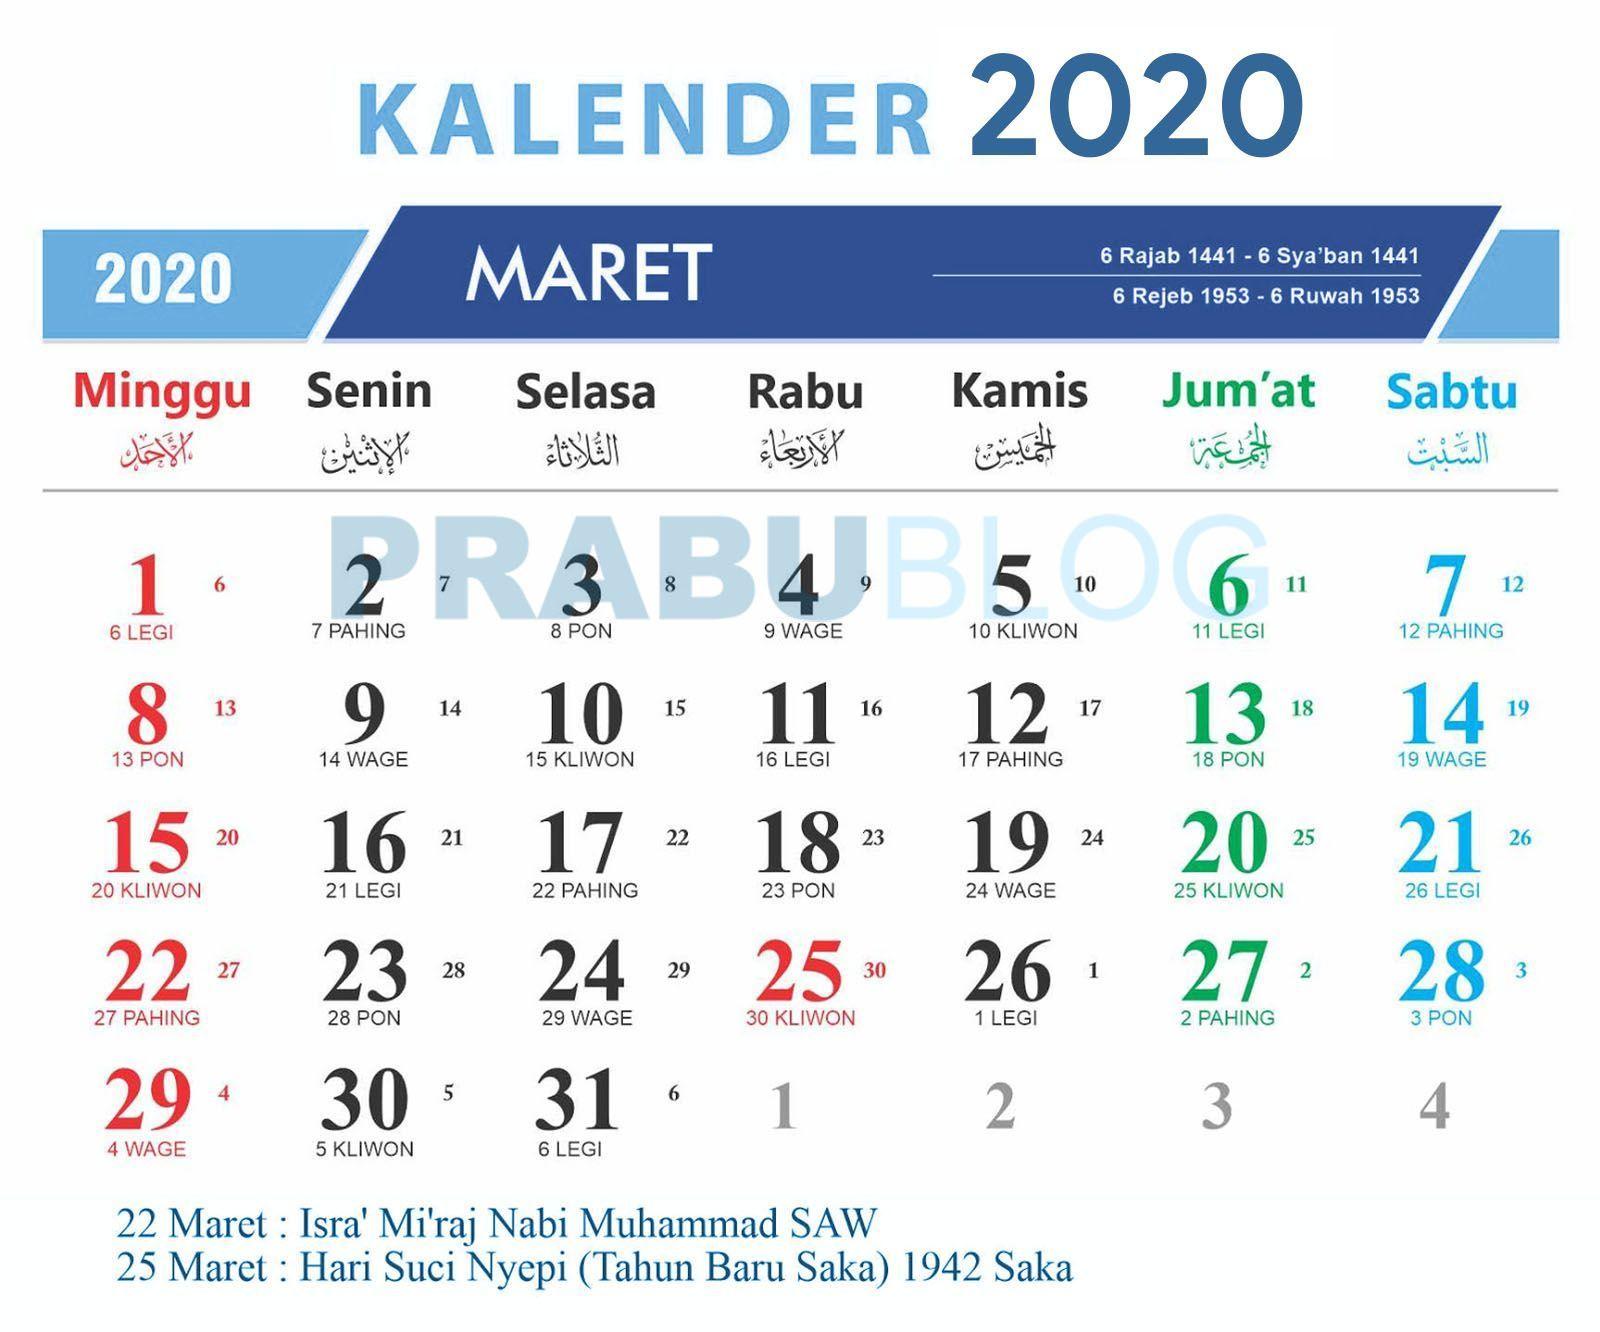 Kalender Maret 2020 Nasional Dan Jawa Aplikasi Tanggal Kalender